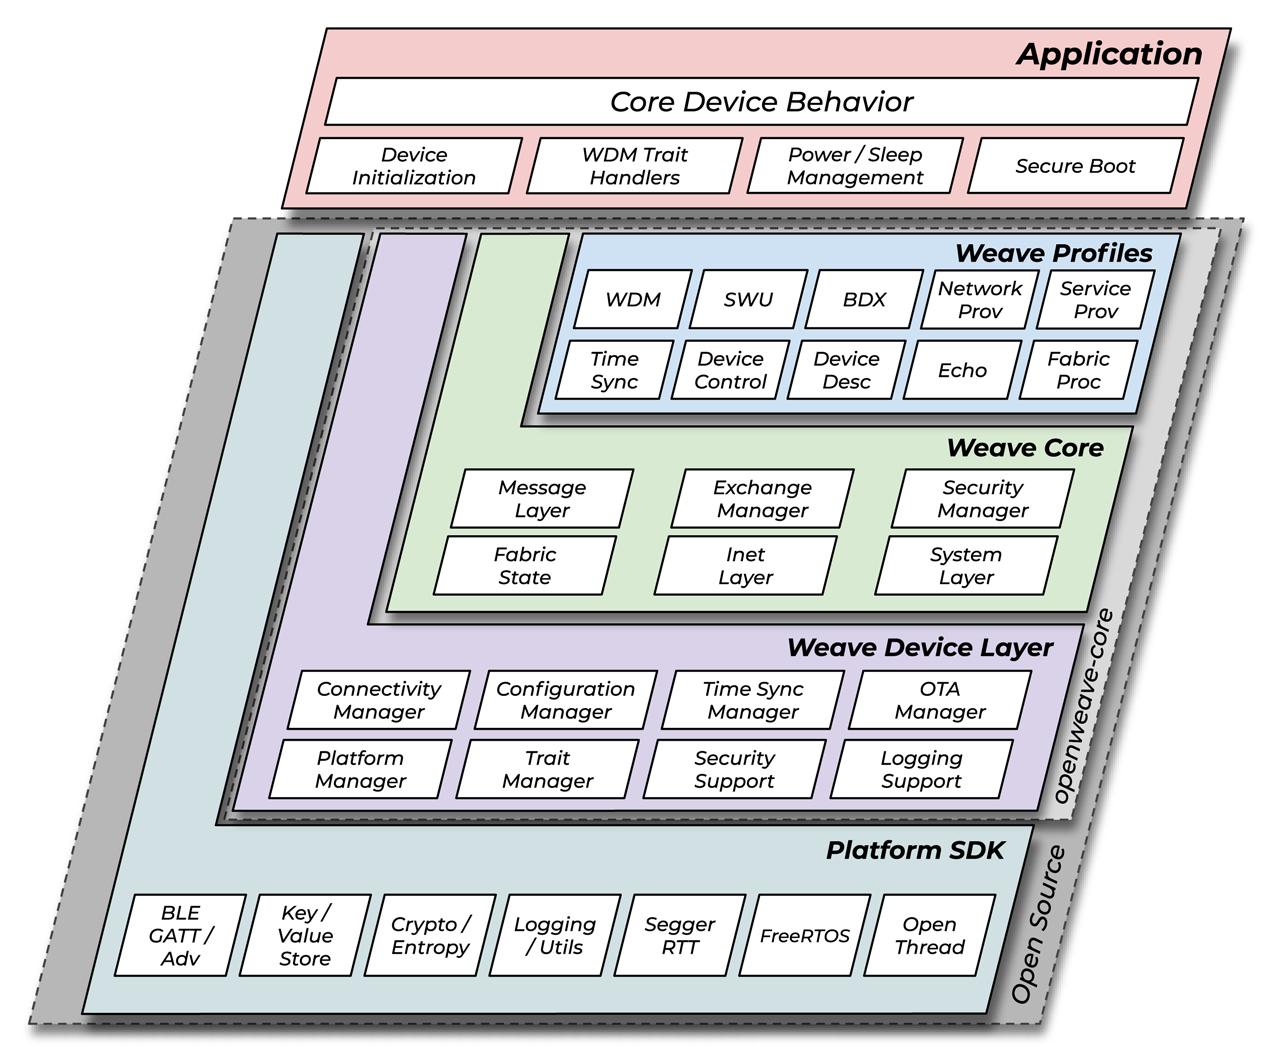 Appareil OpenWeave couche d'architecture